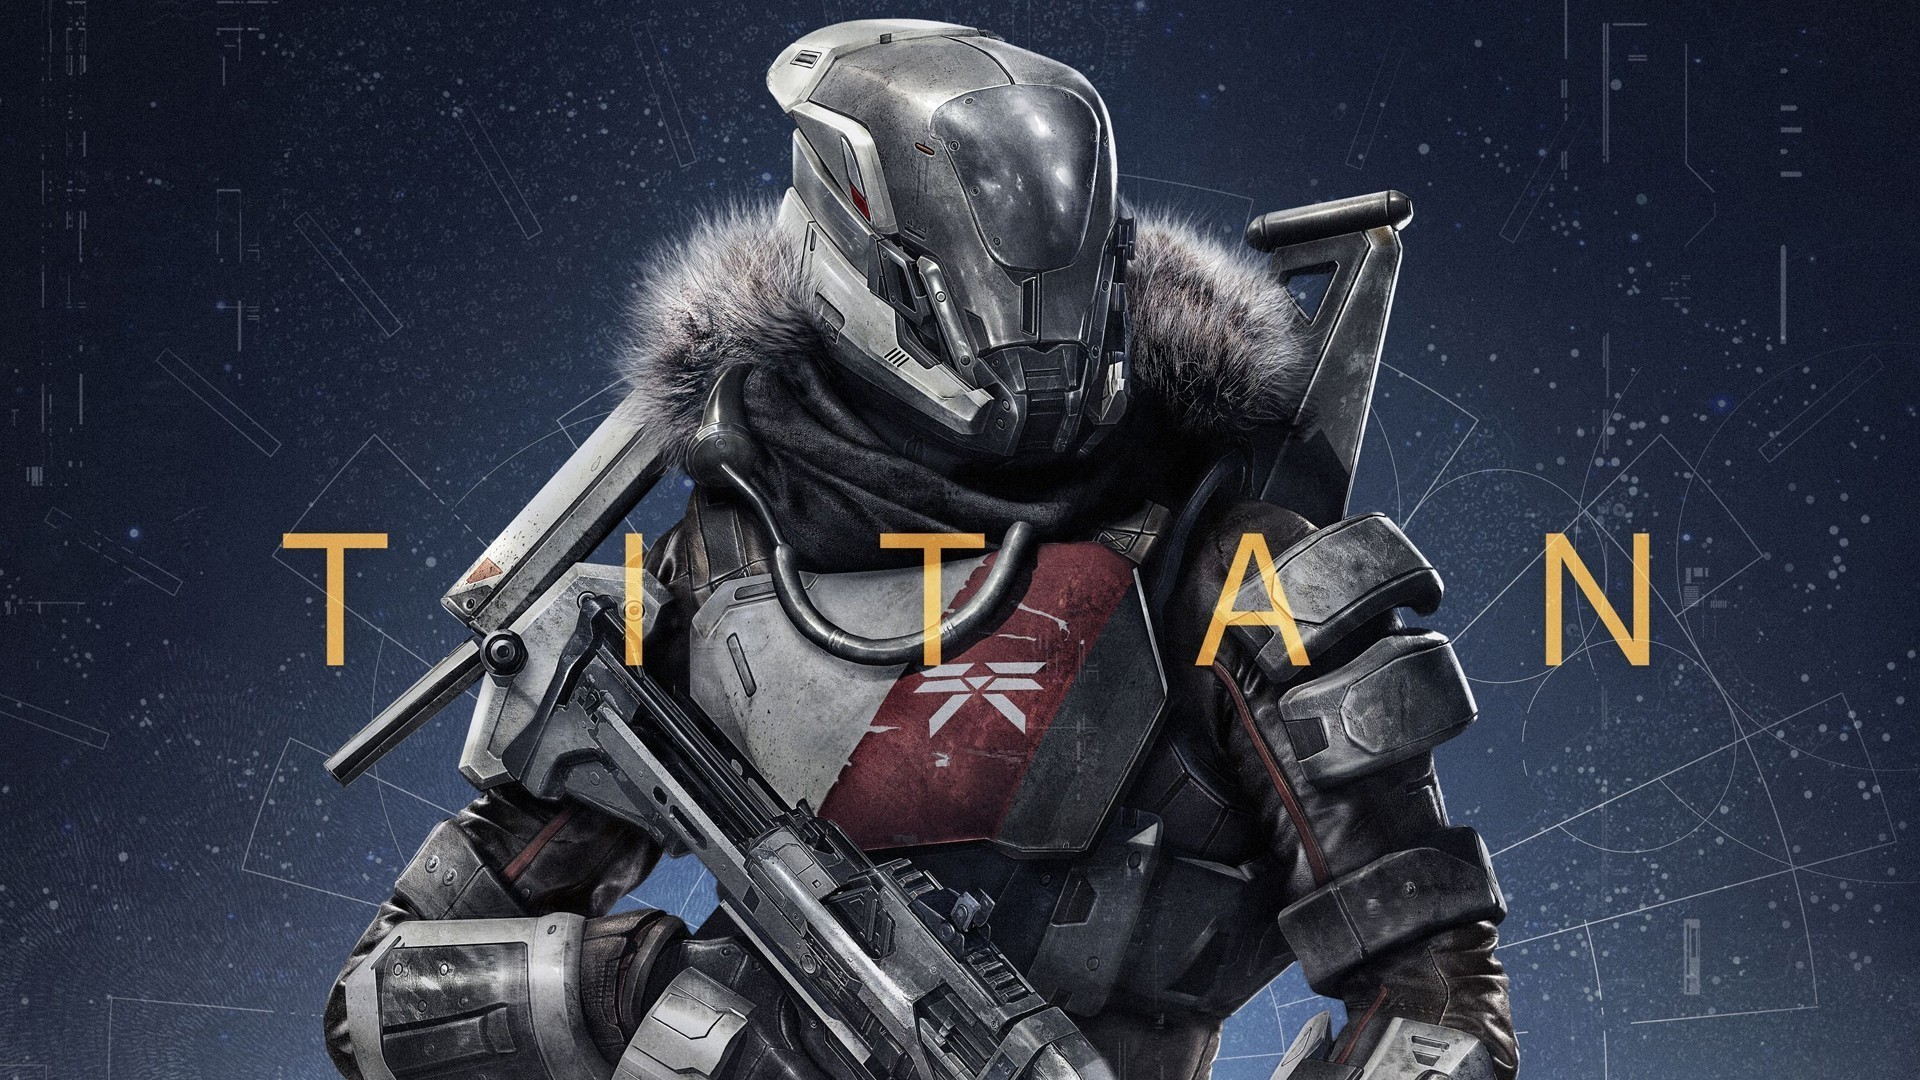 Destiny Wallpaper Titan